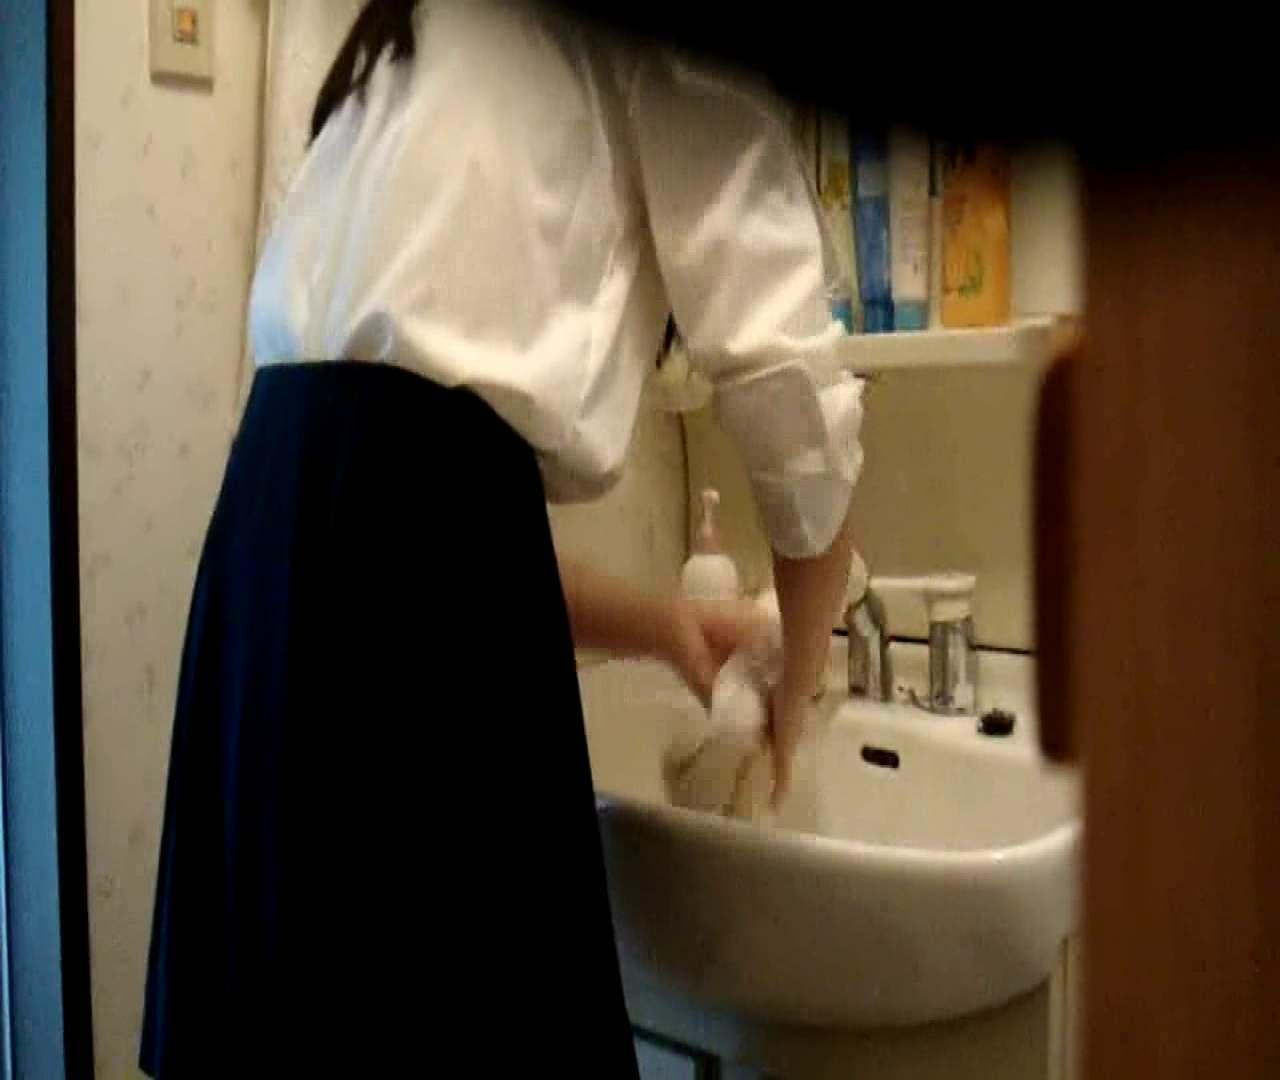 二人とも育てた甲斐がありました… vol.05 まどかが洗顔後にブラを洗濯 HなOL | 0  98pic 80